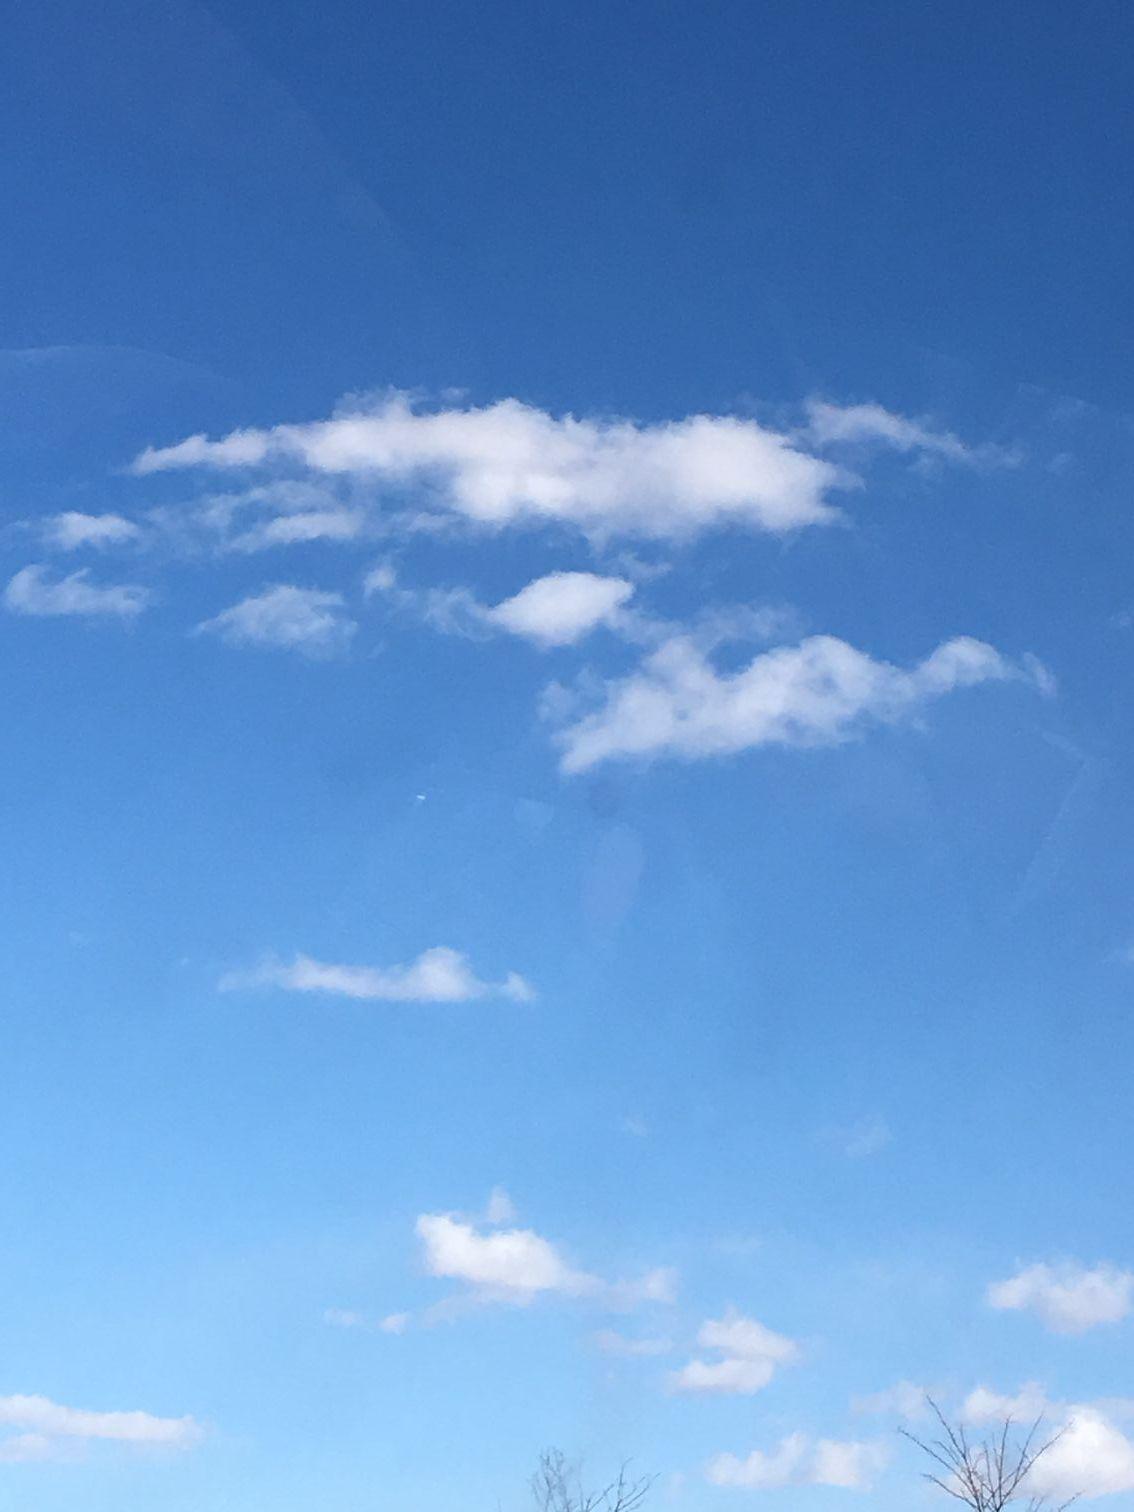 游戏素材 场景 蓝天